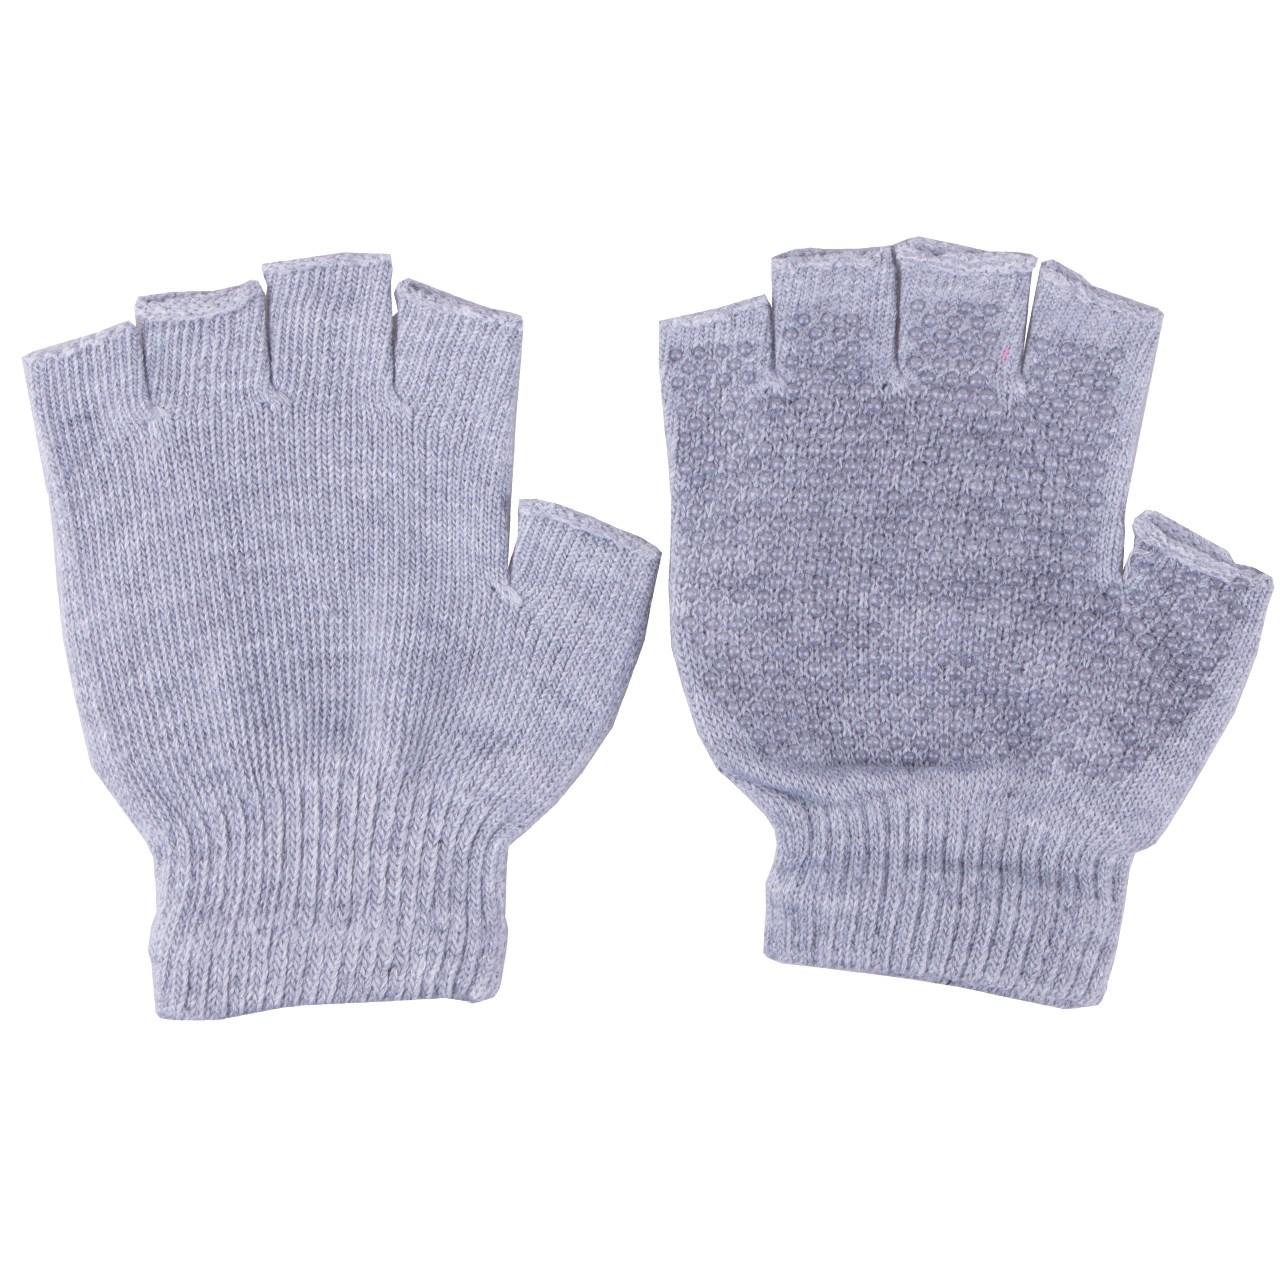 دستکش ورزشی مدل 2